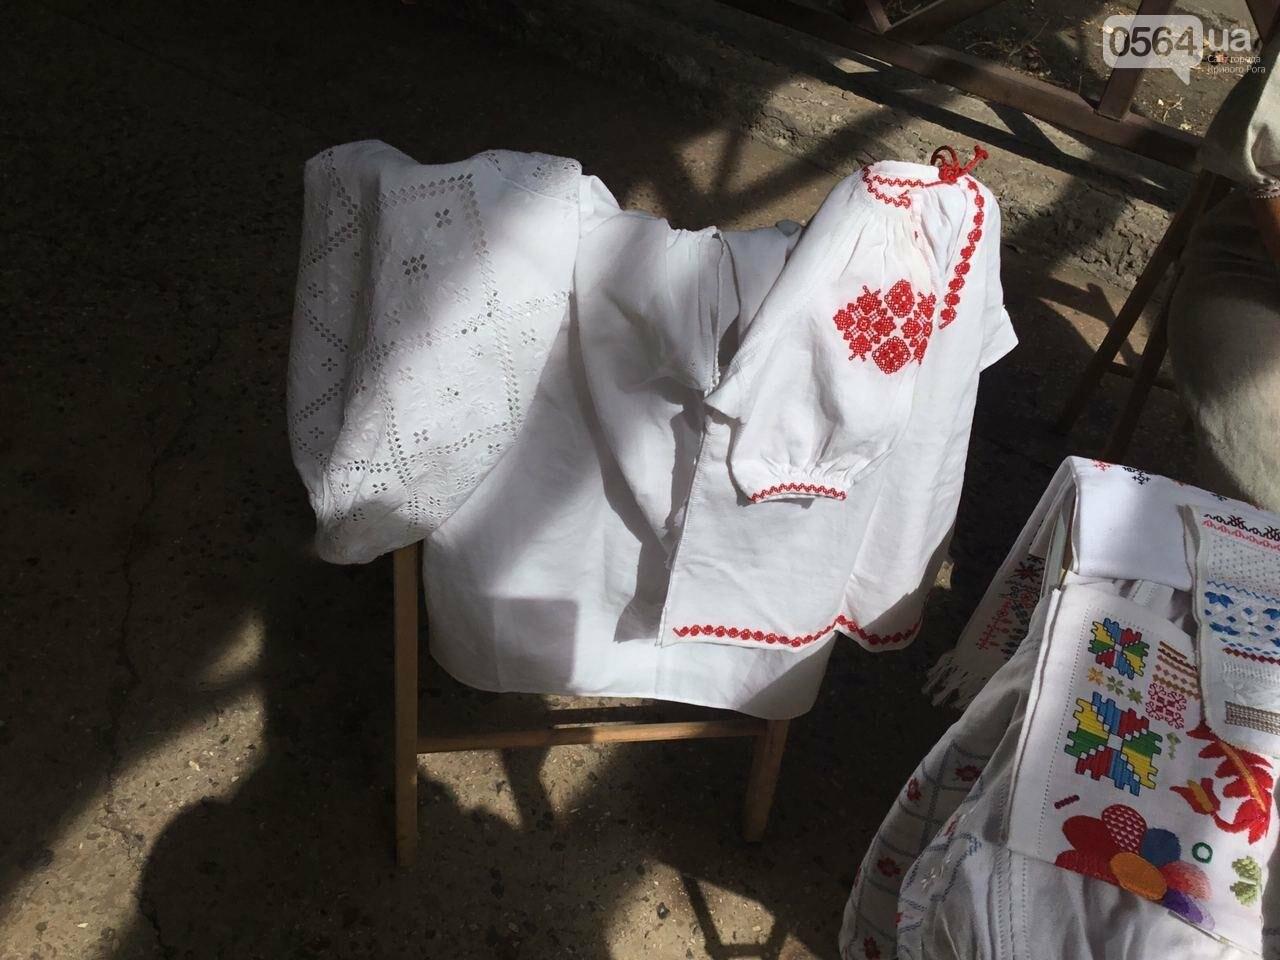 Криворожские вышивальщицы готовят сюрприз для родного города, - ФОТО, ВИДЕО, фото-7